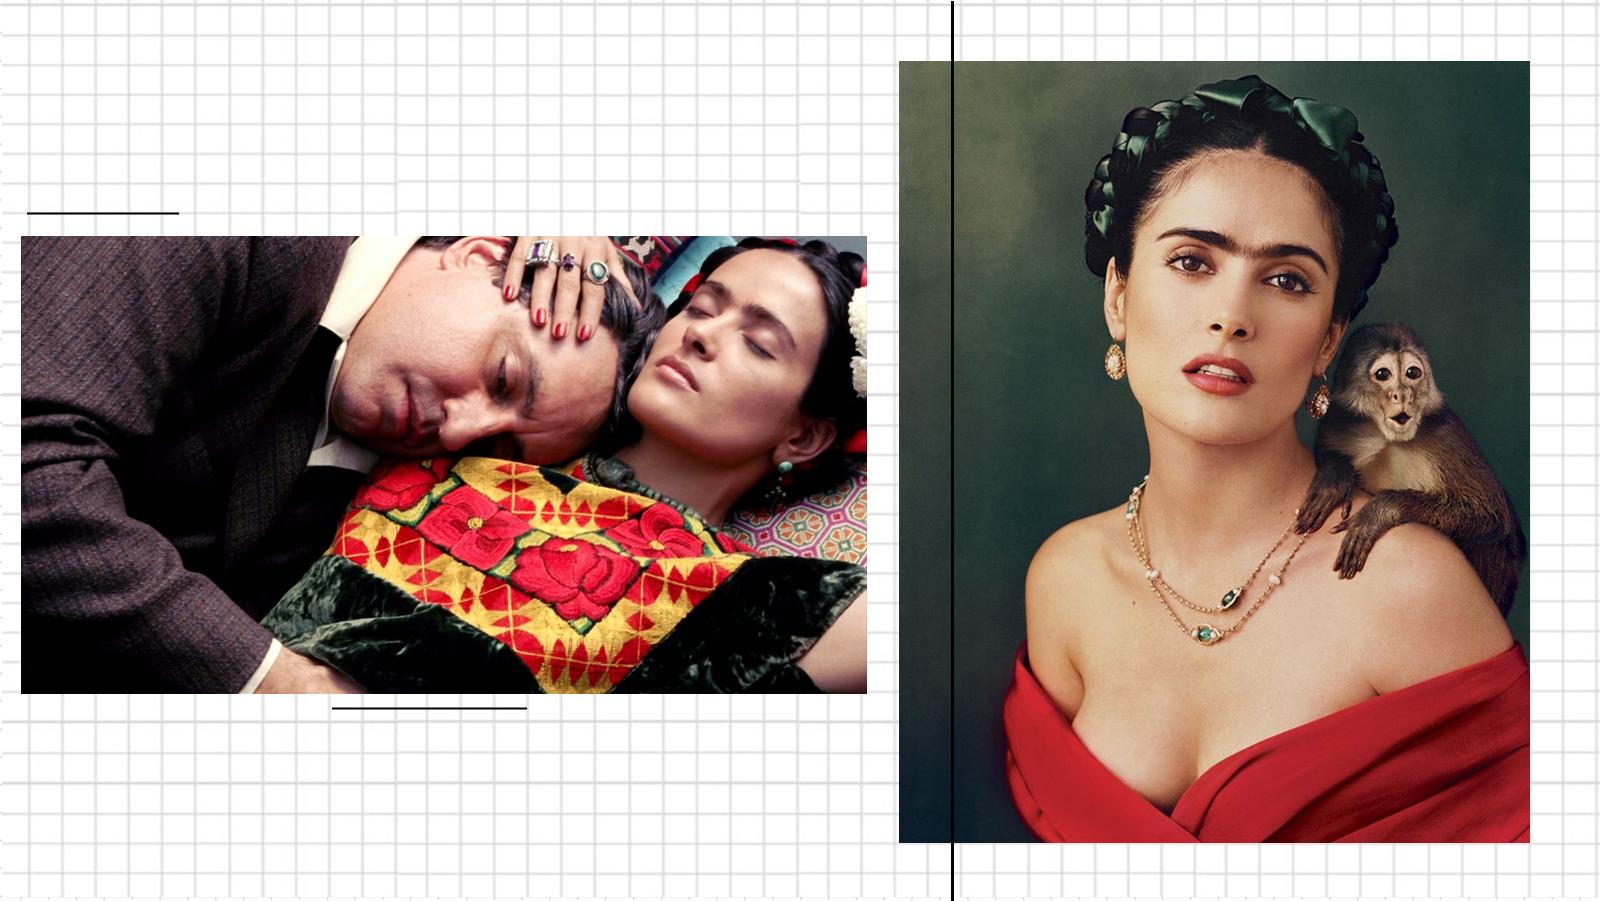 Cenas do filme Frida